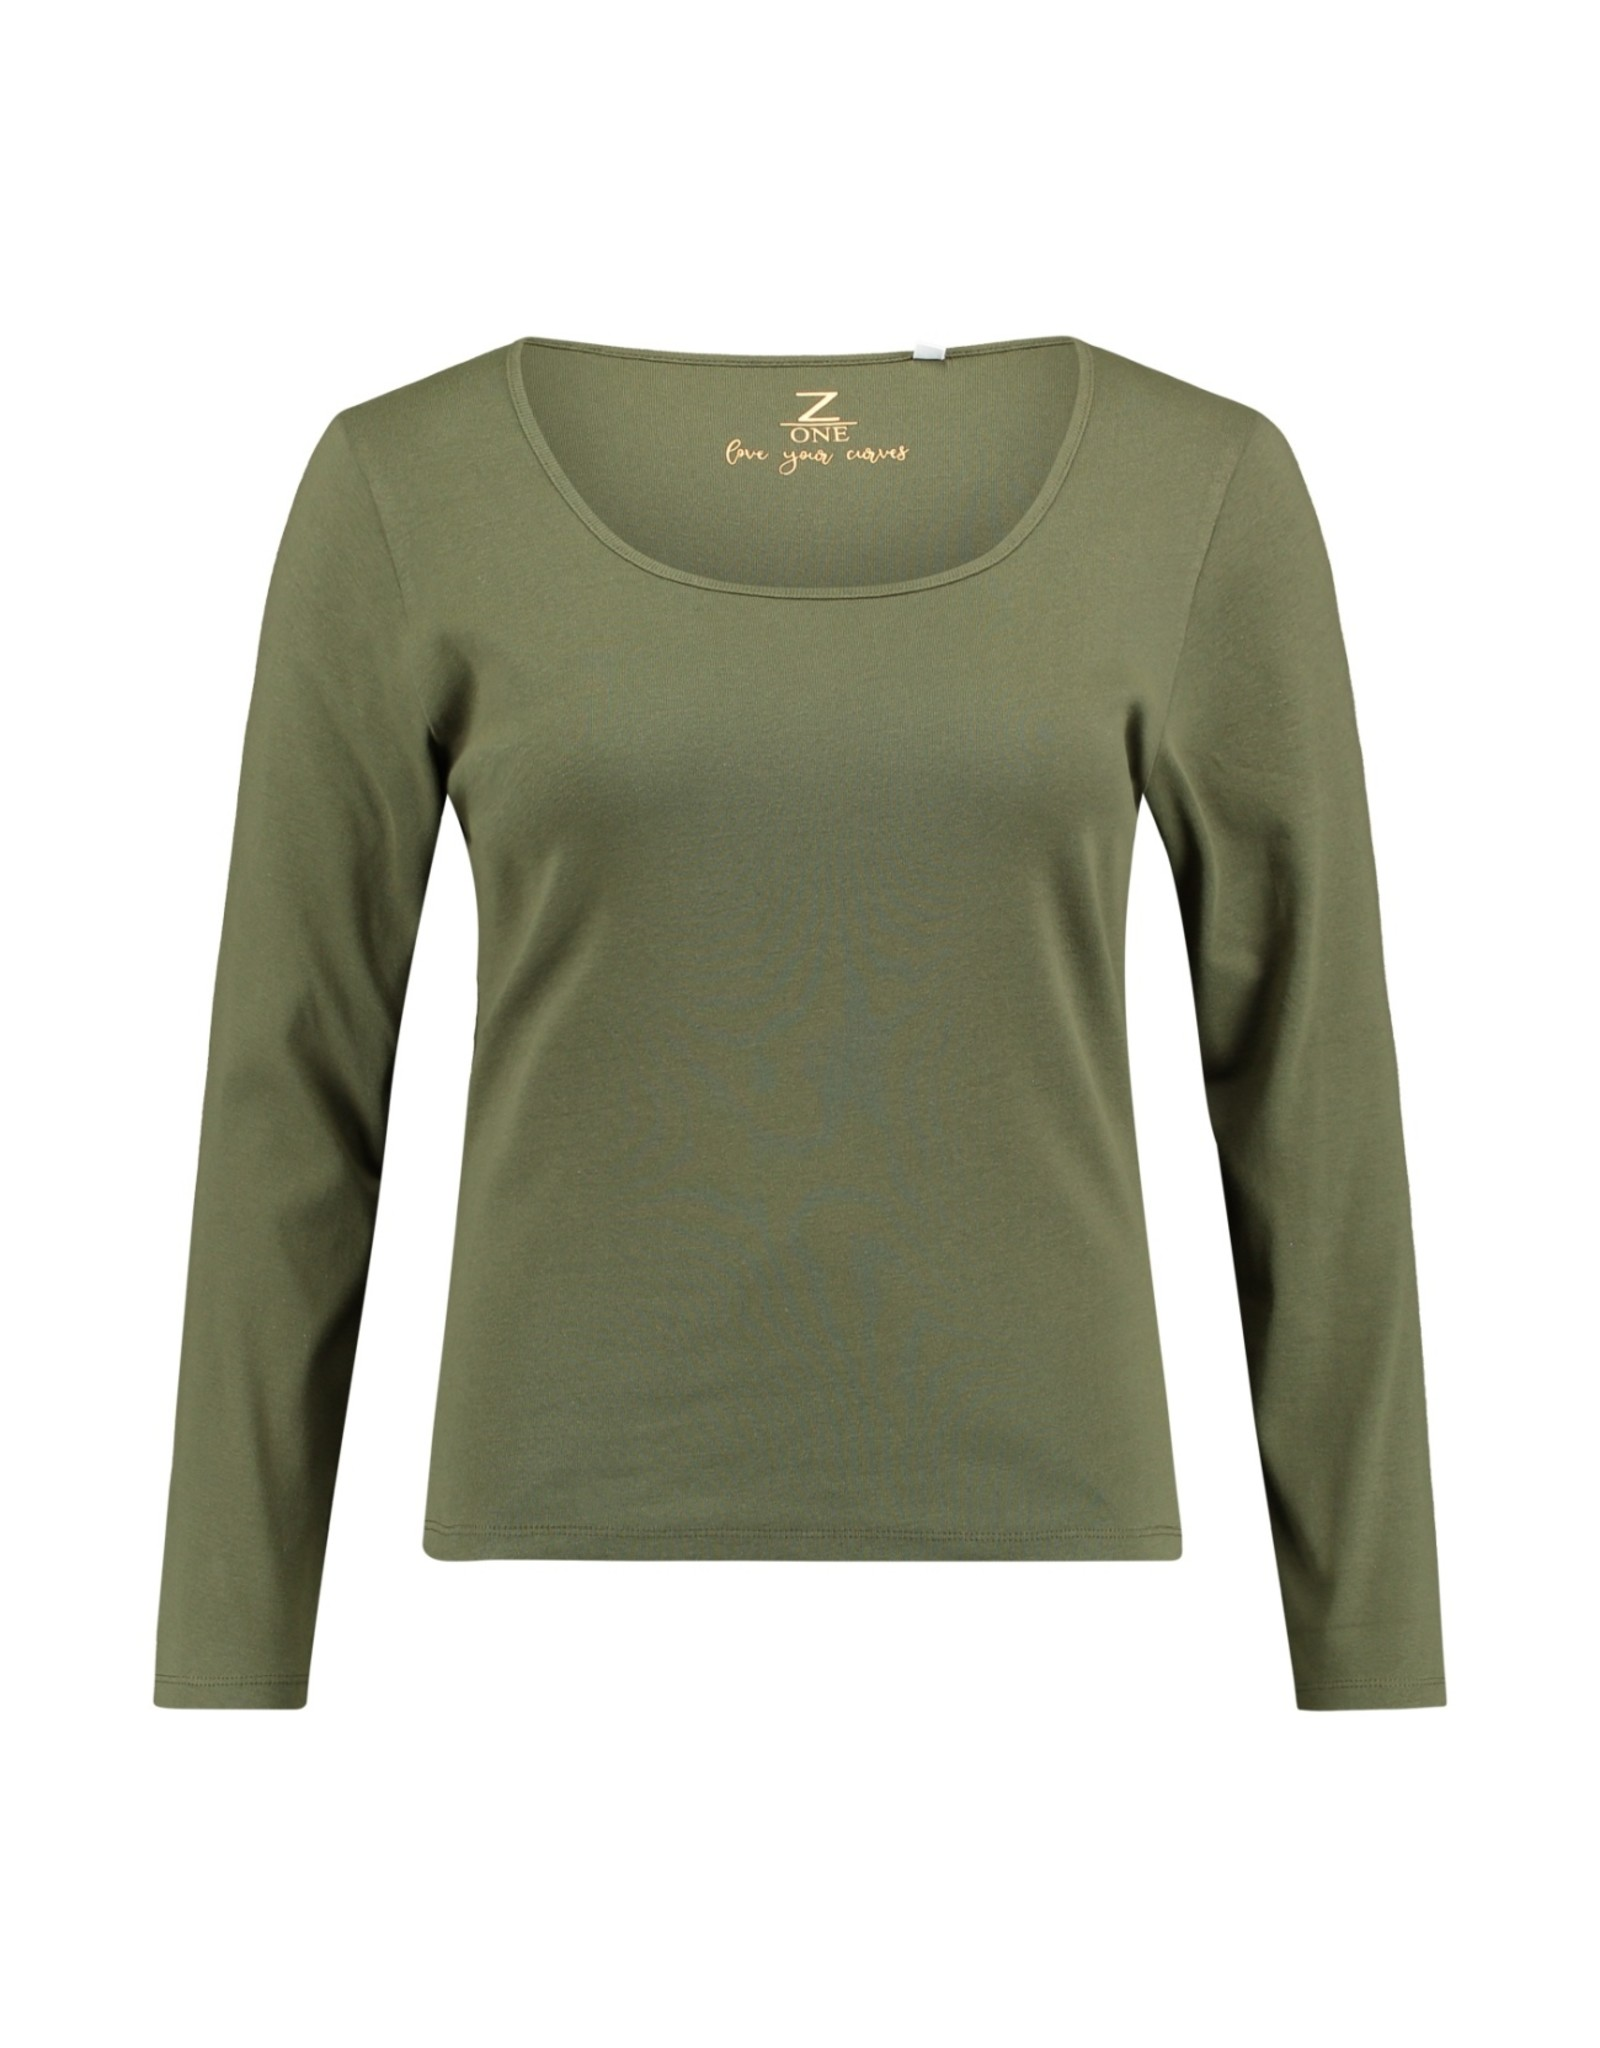 Z-ONE T-shirt Donna Z1 Khaki